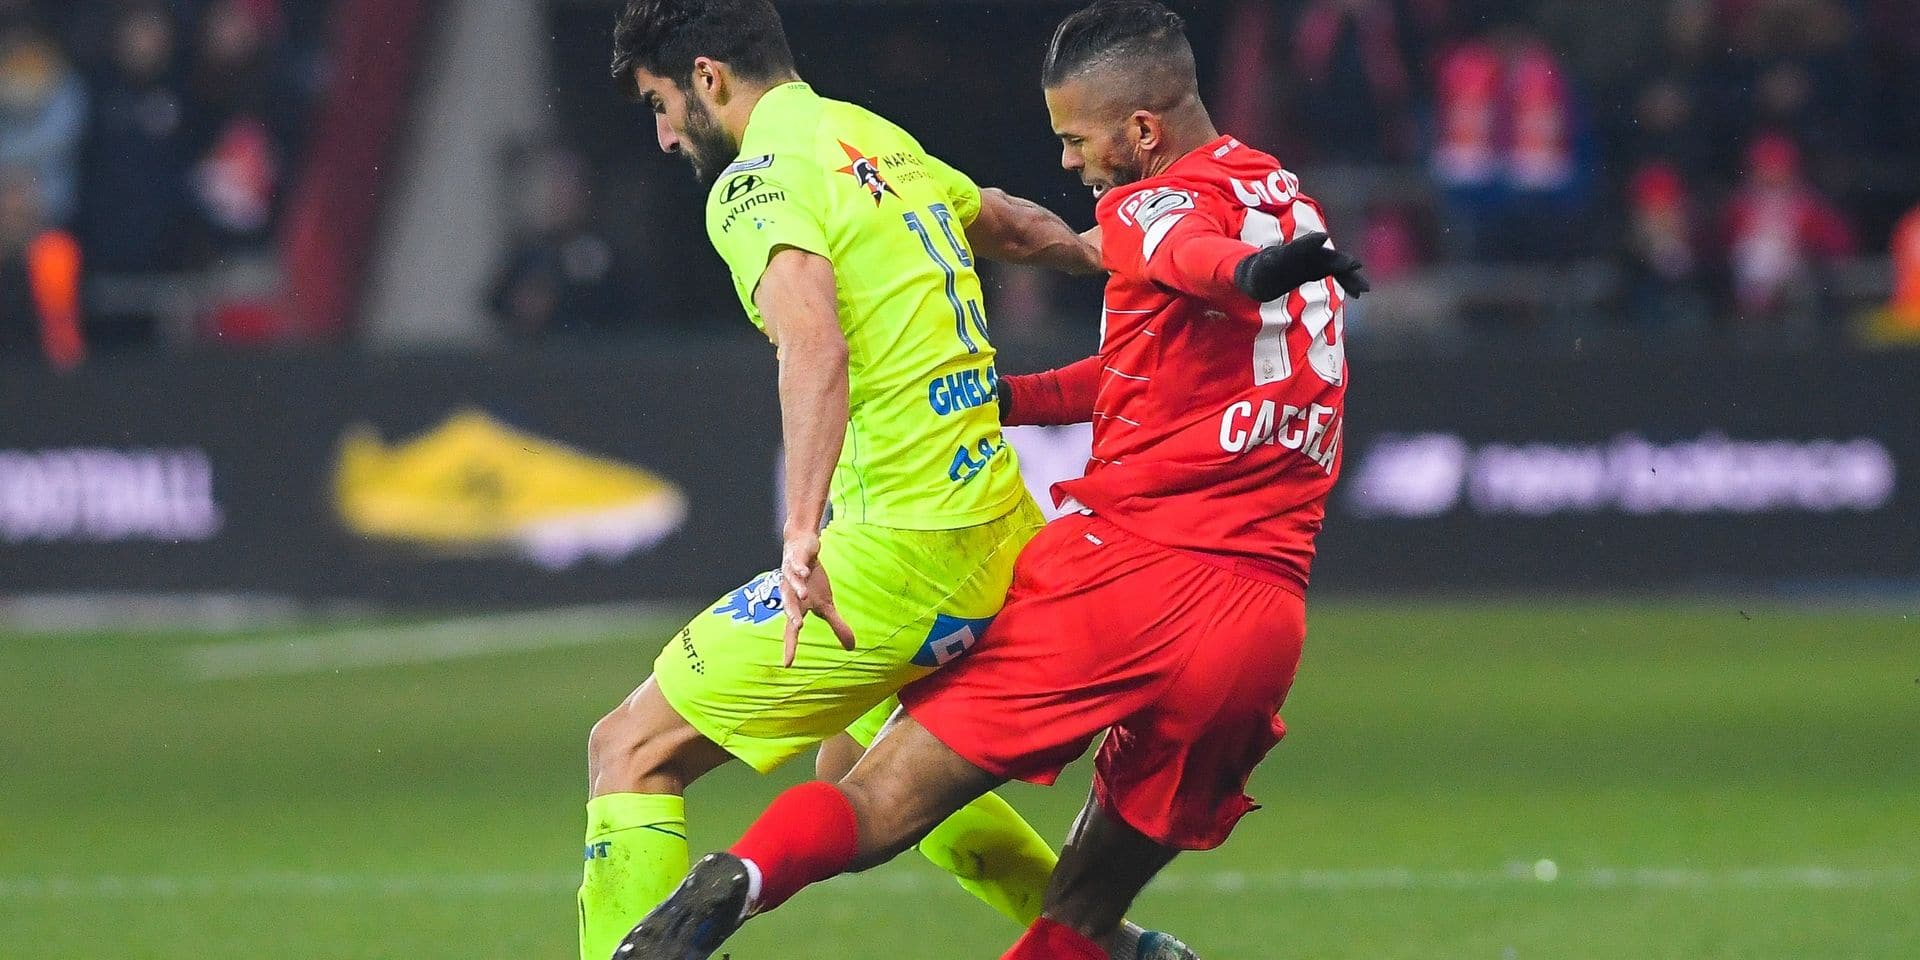 """Carcela : """"La rouge ? Non, je touche le ballon"""""""